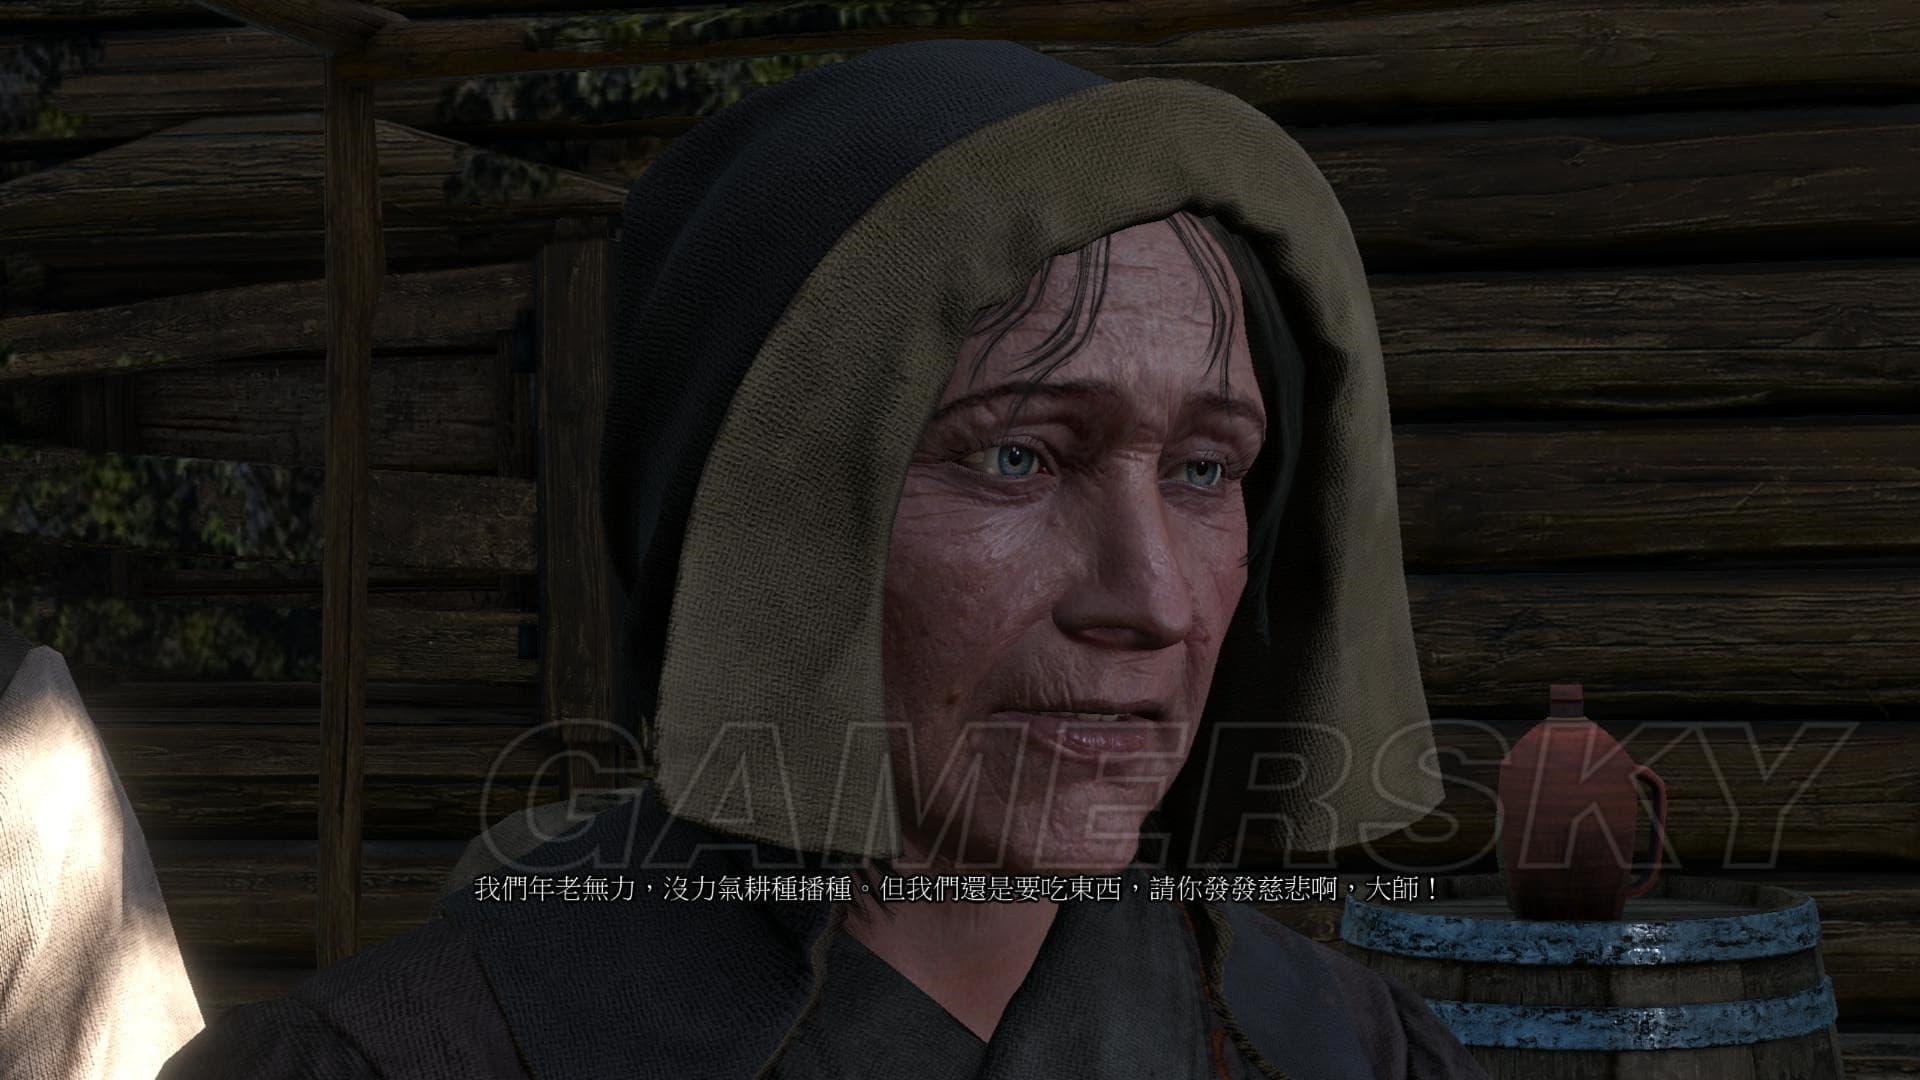 巫師3 DLC石之心不留一絲痕迹隱藏劇情攻略 巫師3DLC石之心不留一絲痕迹隱藏劇情怎麼觸發